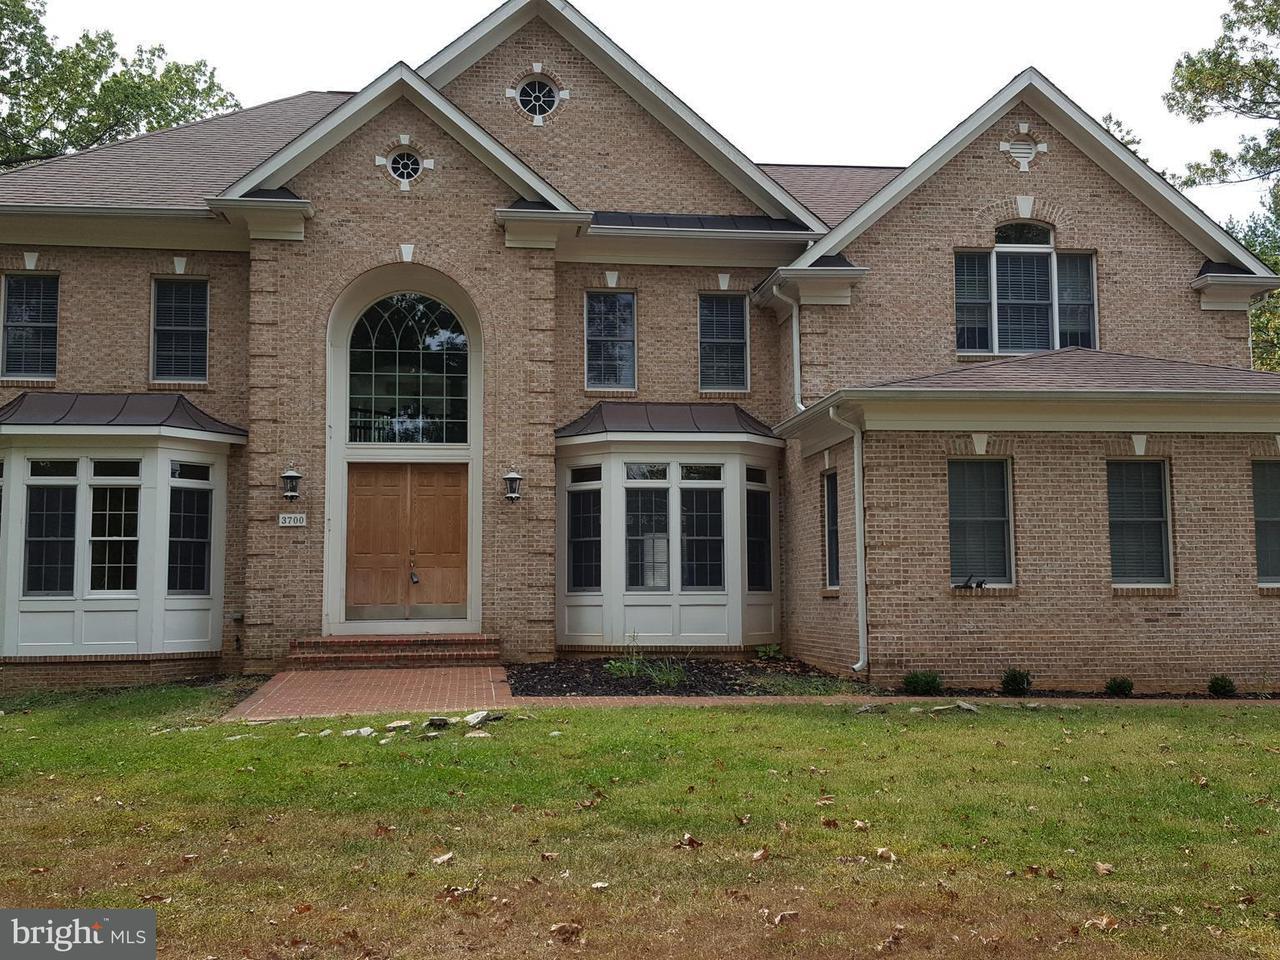 獨棟家庭住宅 為 出售 在 3700 Annandale Road 3700 Annandale Road Annandale, 弗吉尼亞州 22003 美國